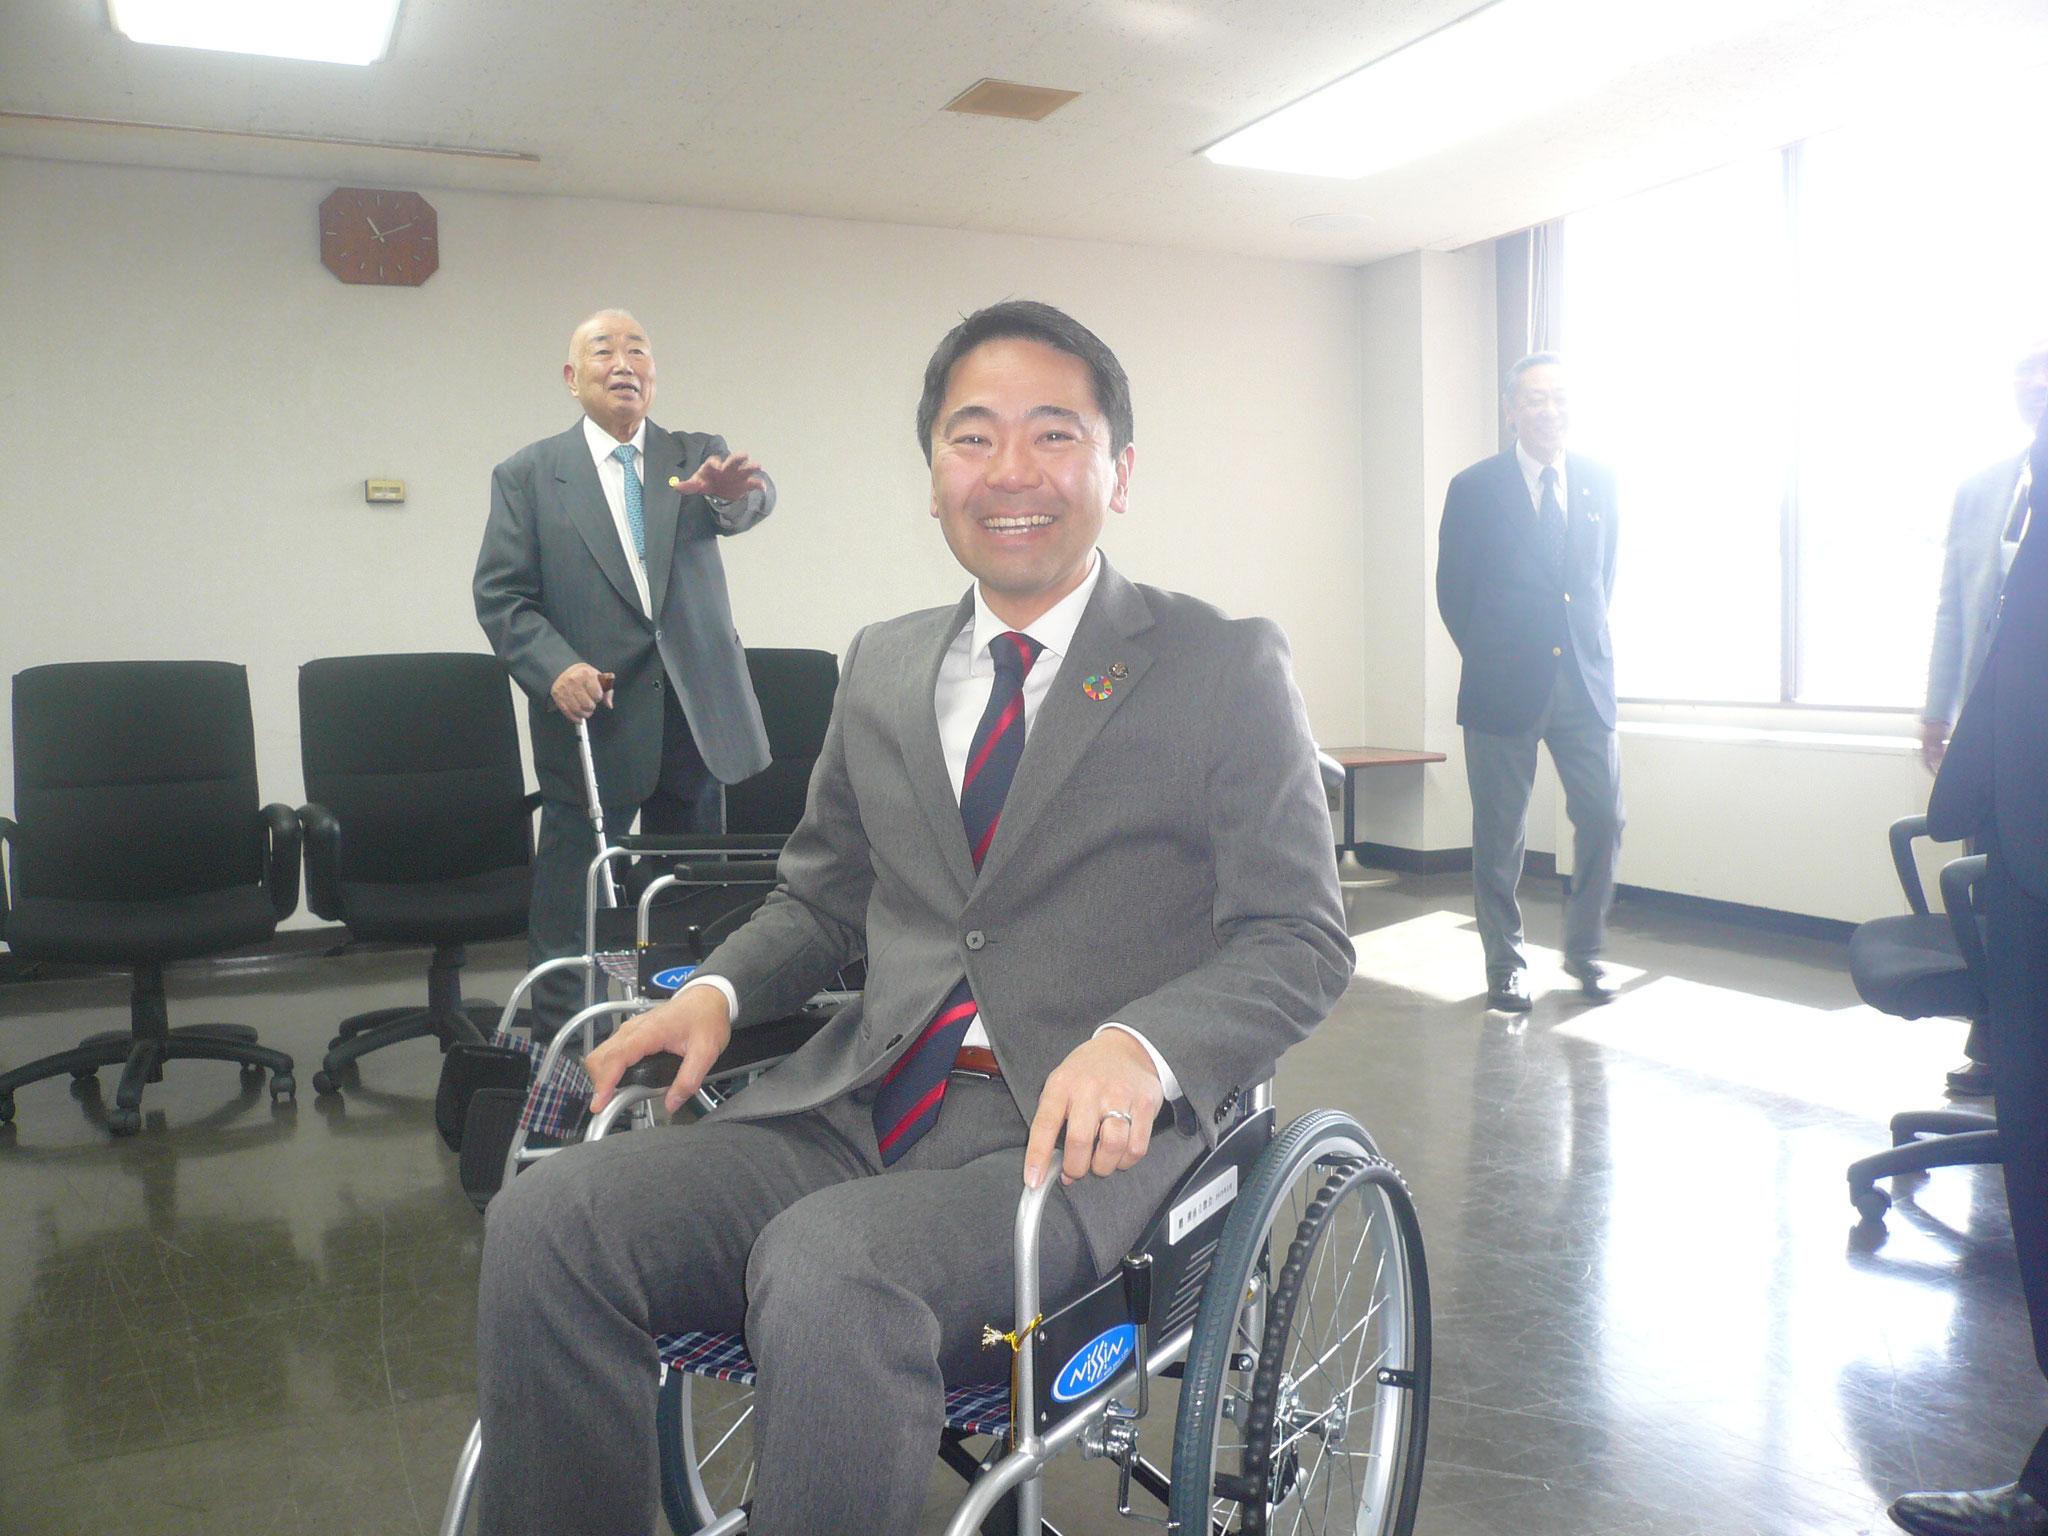 贈呈後車いすに松尾市長「軽くていいですね。有難いです」